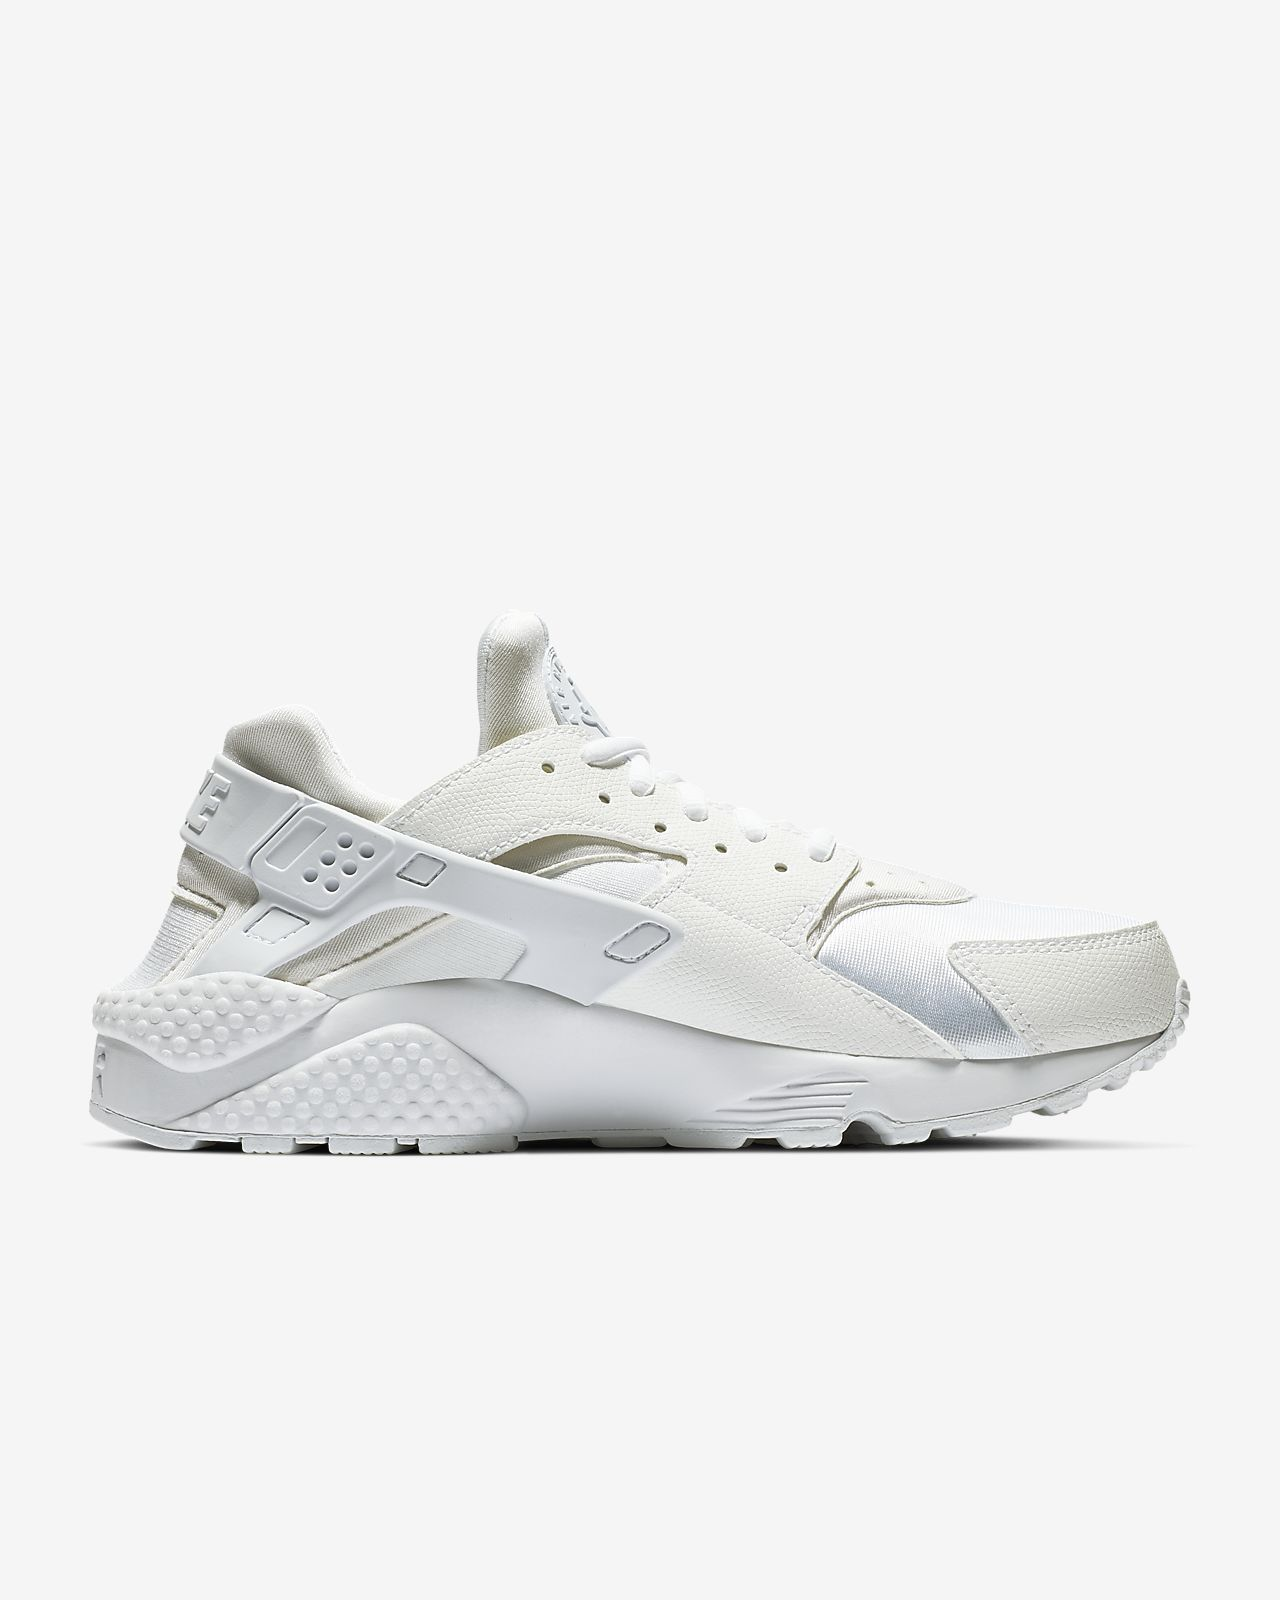 8fdf3cdd Женские кроссовки Nike Air Huarache. Nike.com RU